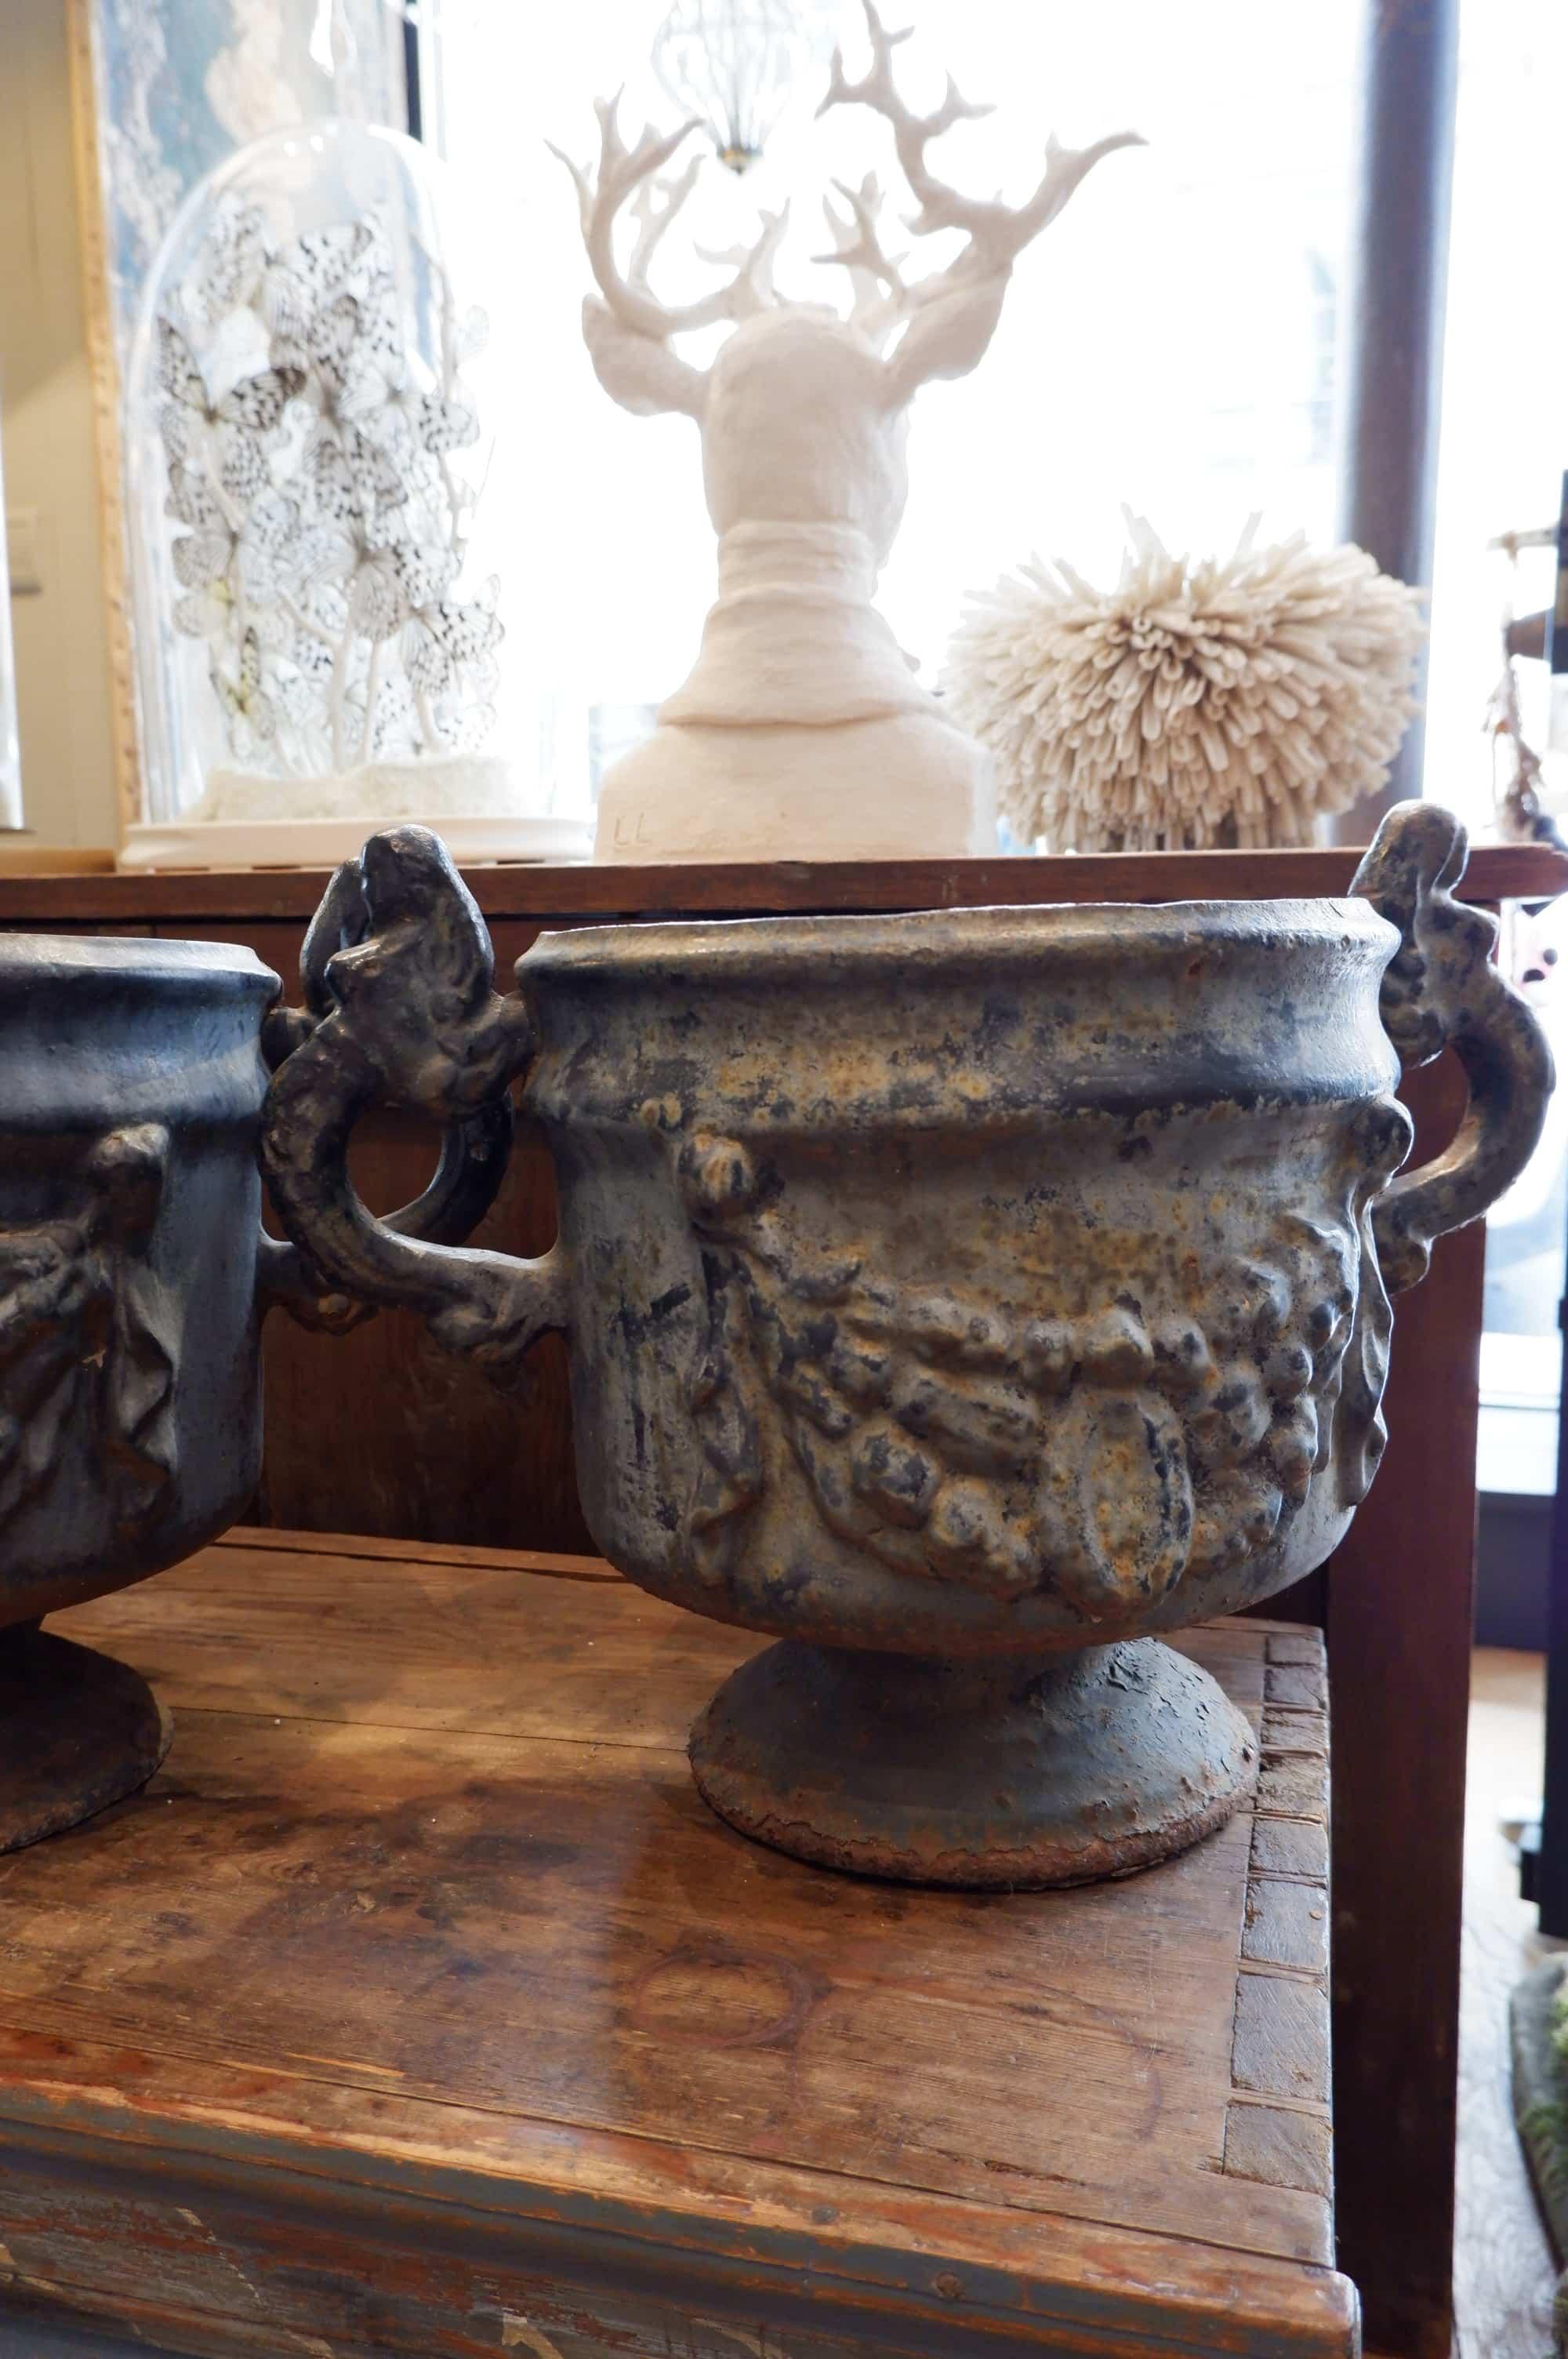 Suite de 4 vases à anse en fonte bleu marine – période directoire